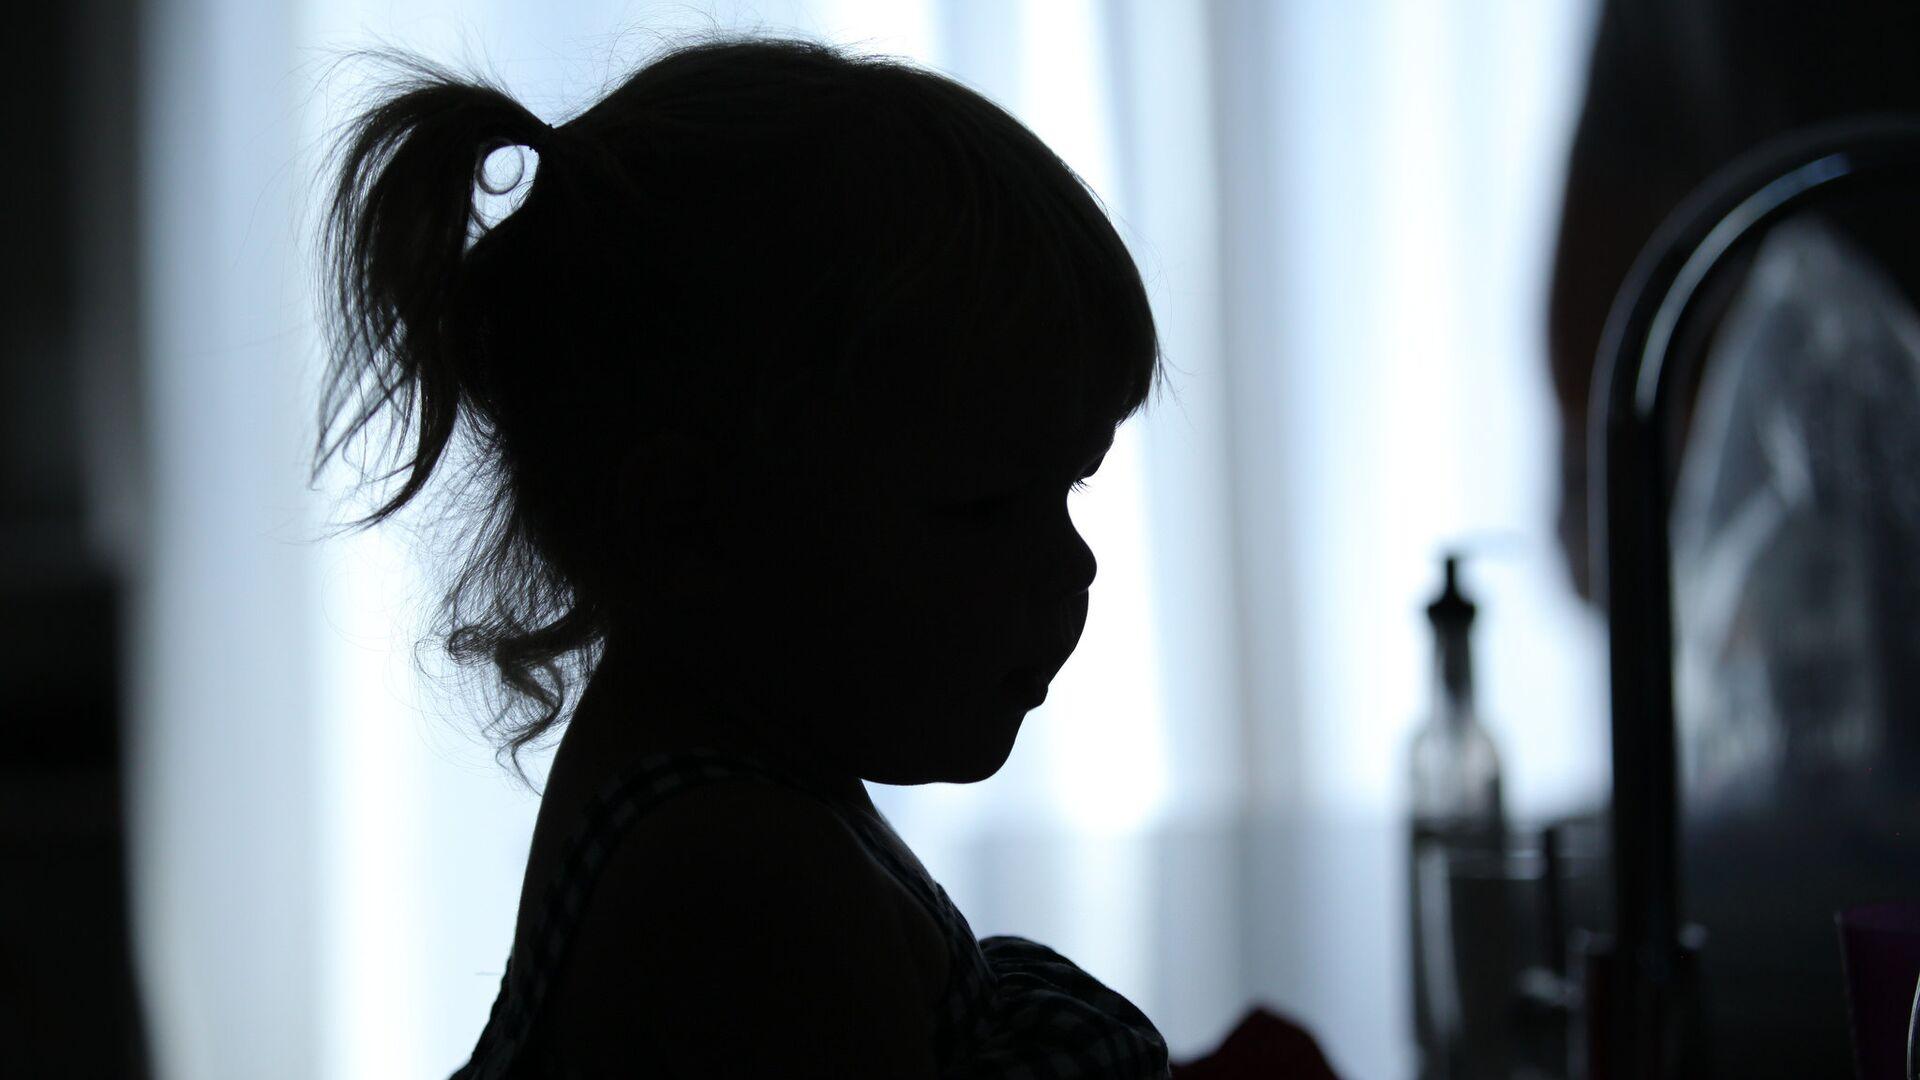 Una niña (imagen referencial) - Sputnik Mundo, 1920, 23.04.2021